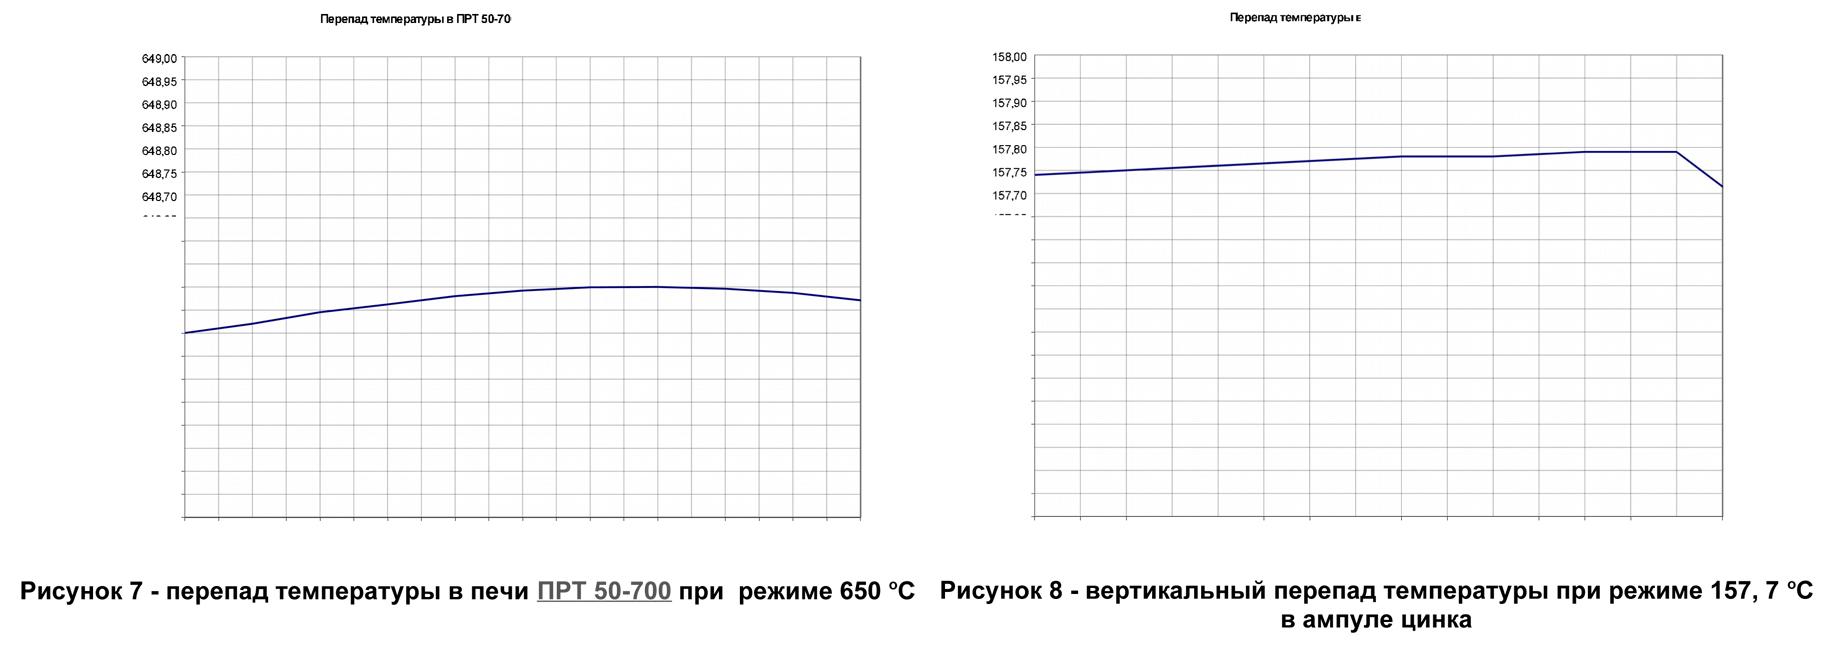 Печи реперных точек МТШ-90